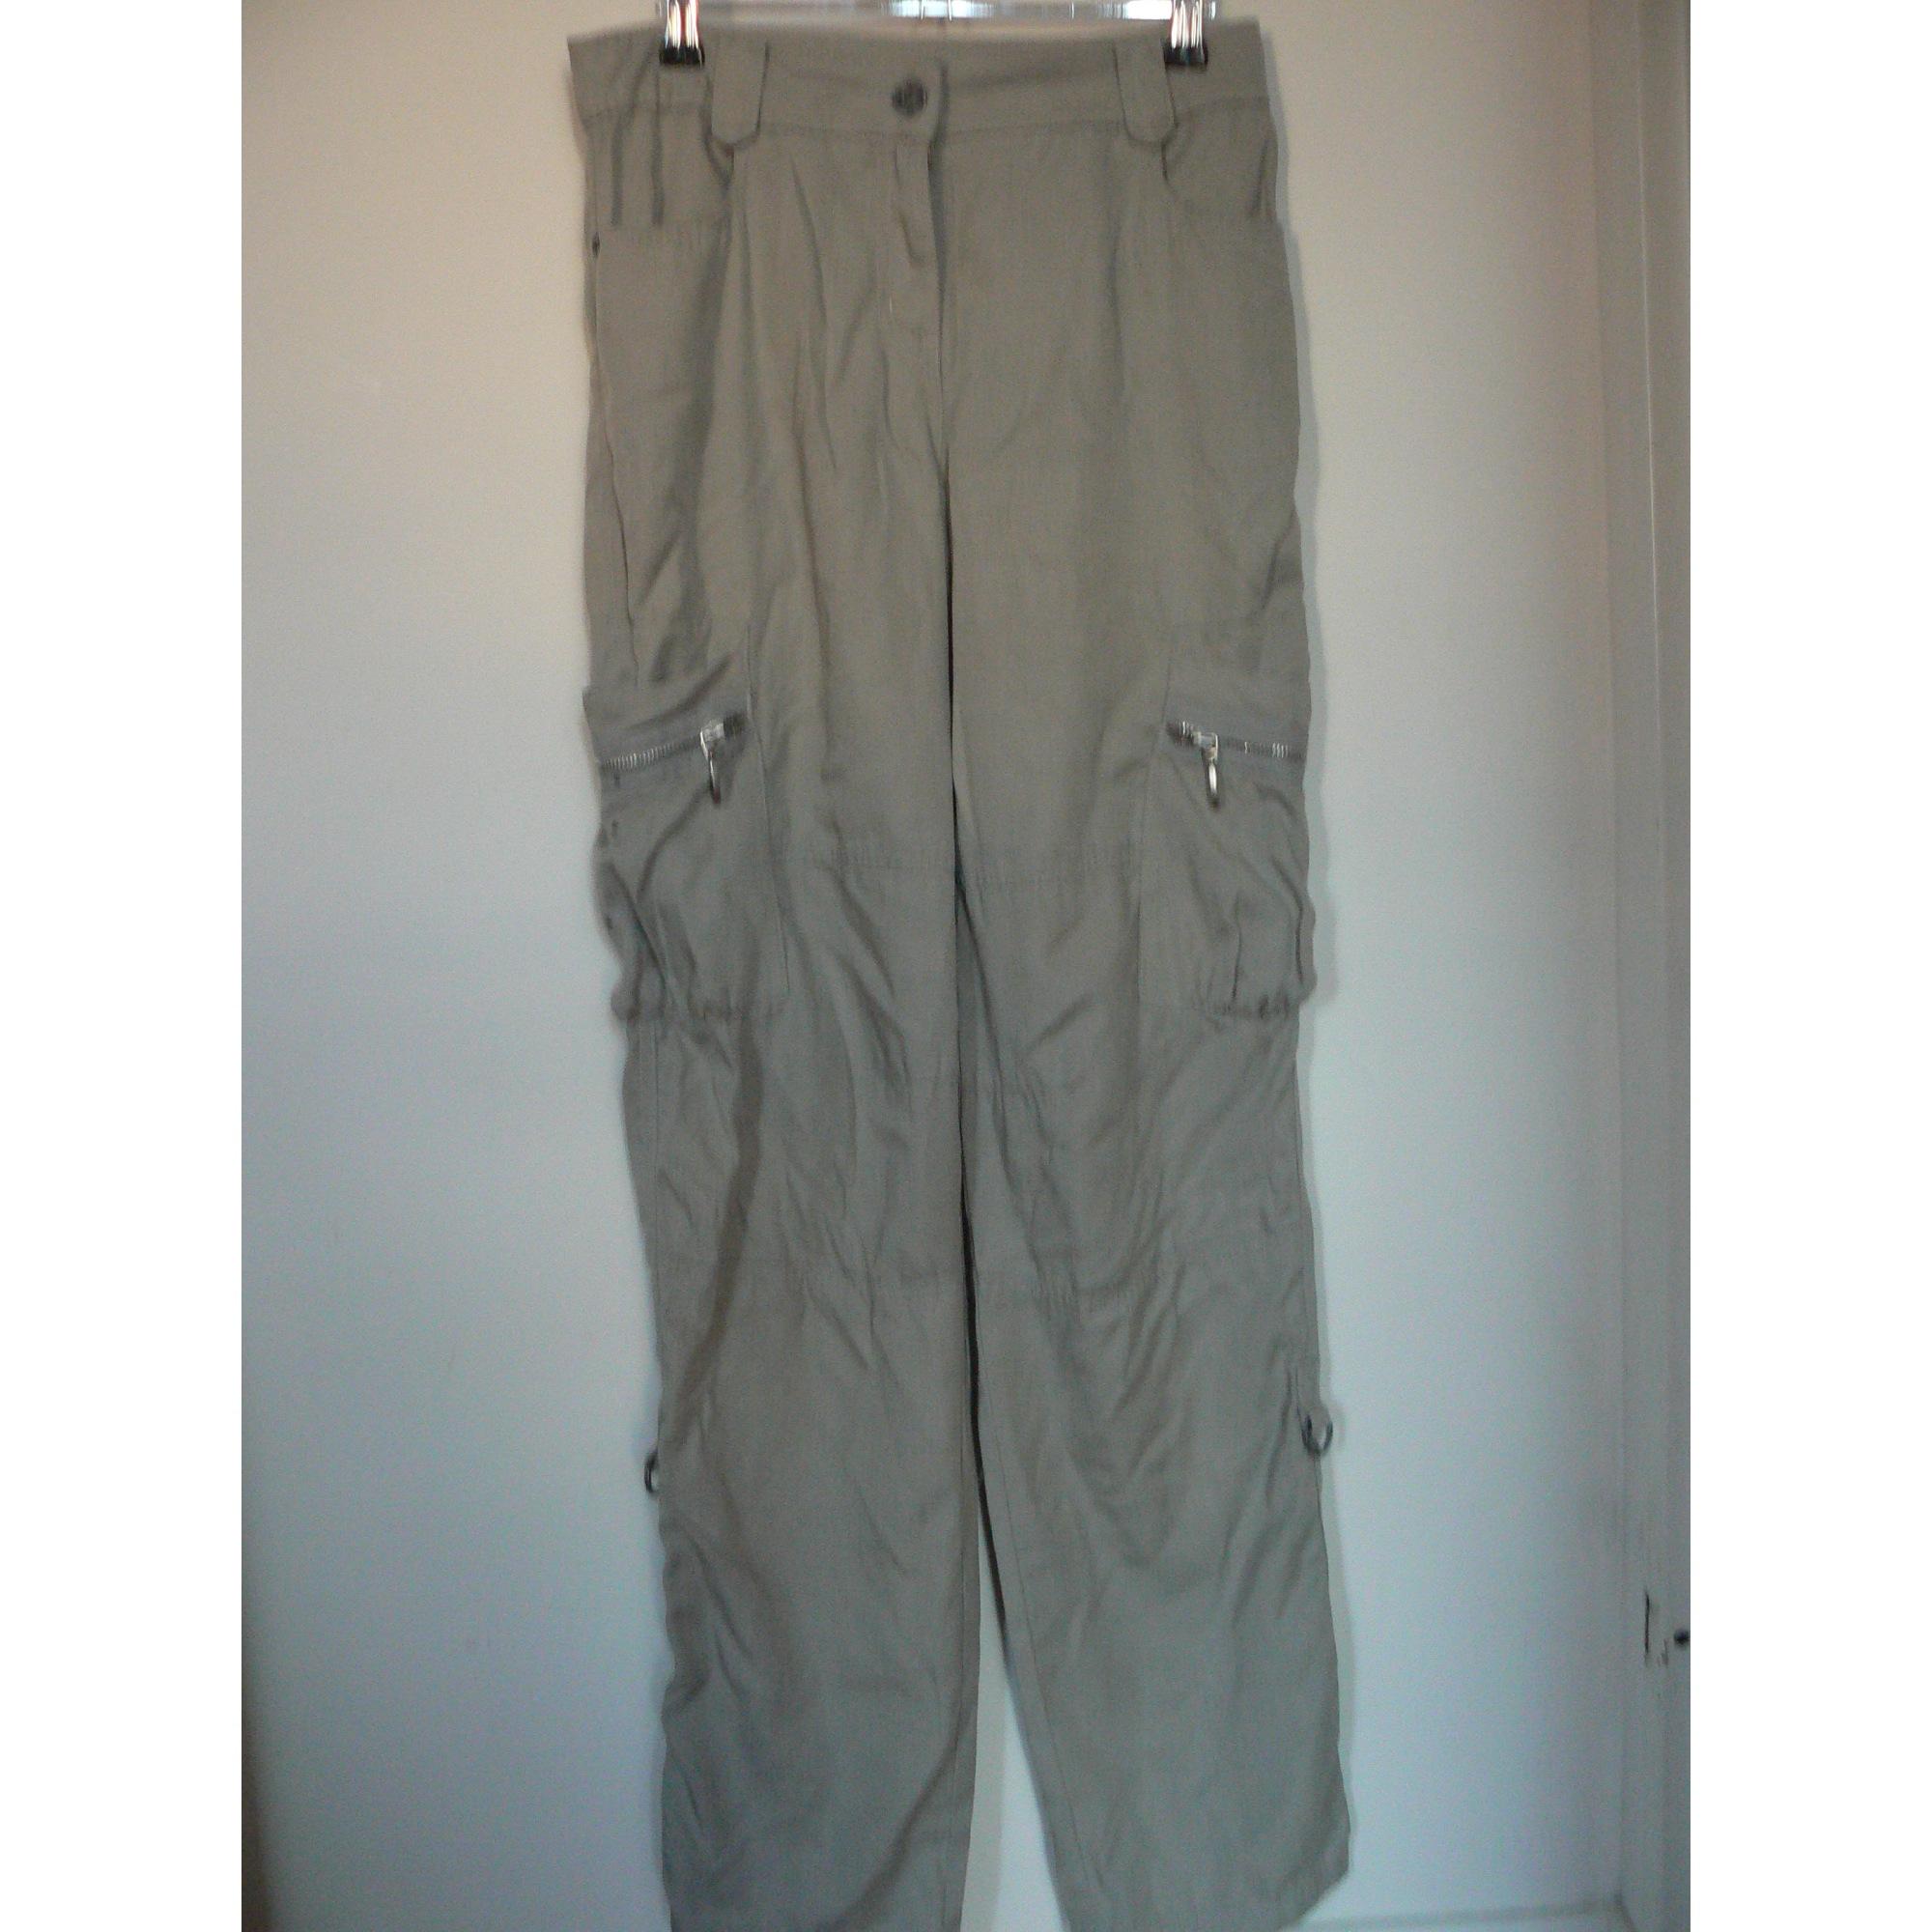 Pantalon droit COP-COPINE Beige, camel